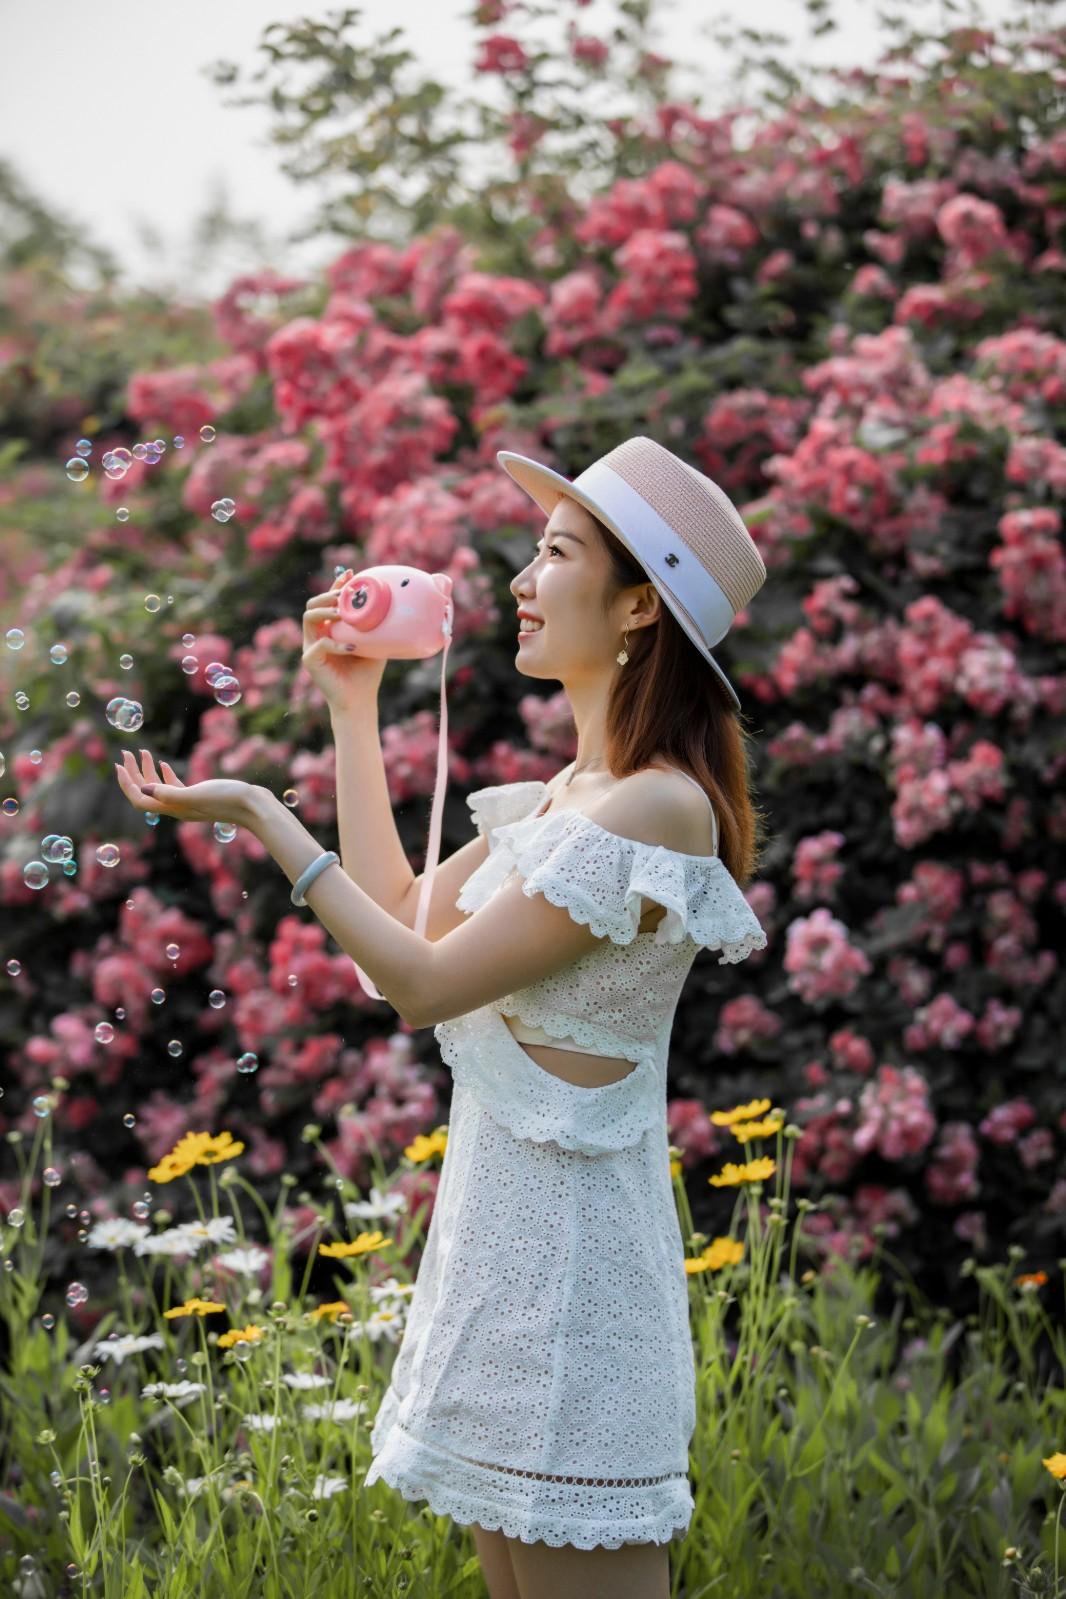 ⑧群 河北秦皇岛-秦海映月 《初夏的蔷薇》 Canon.jpg